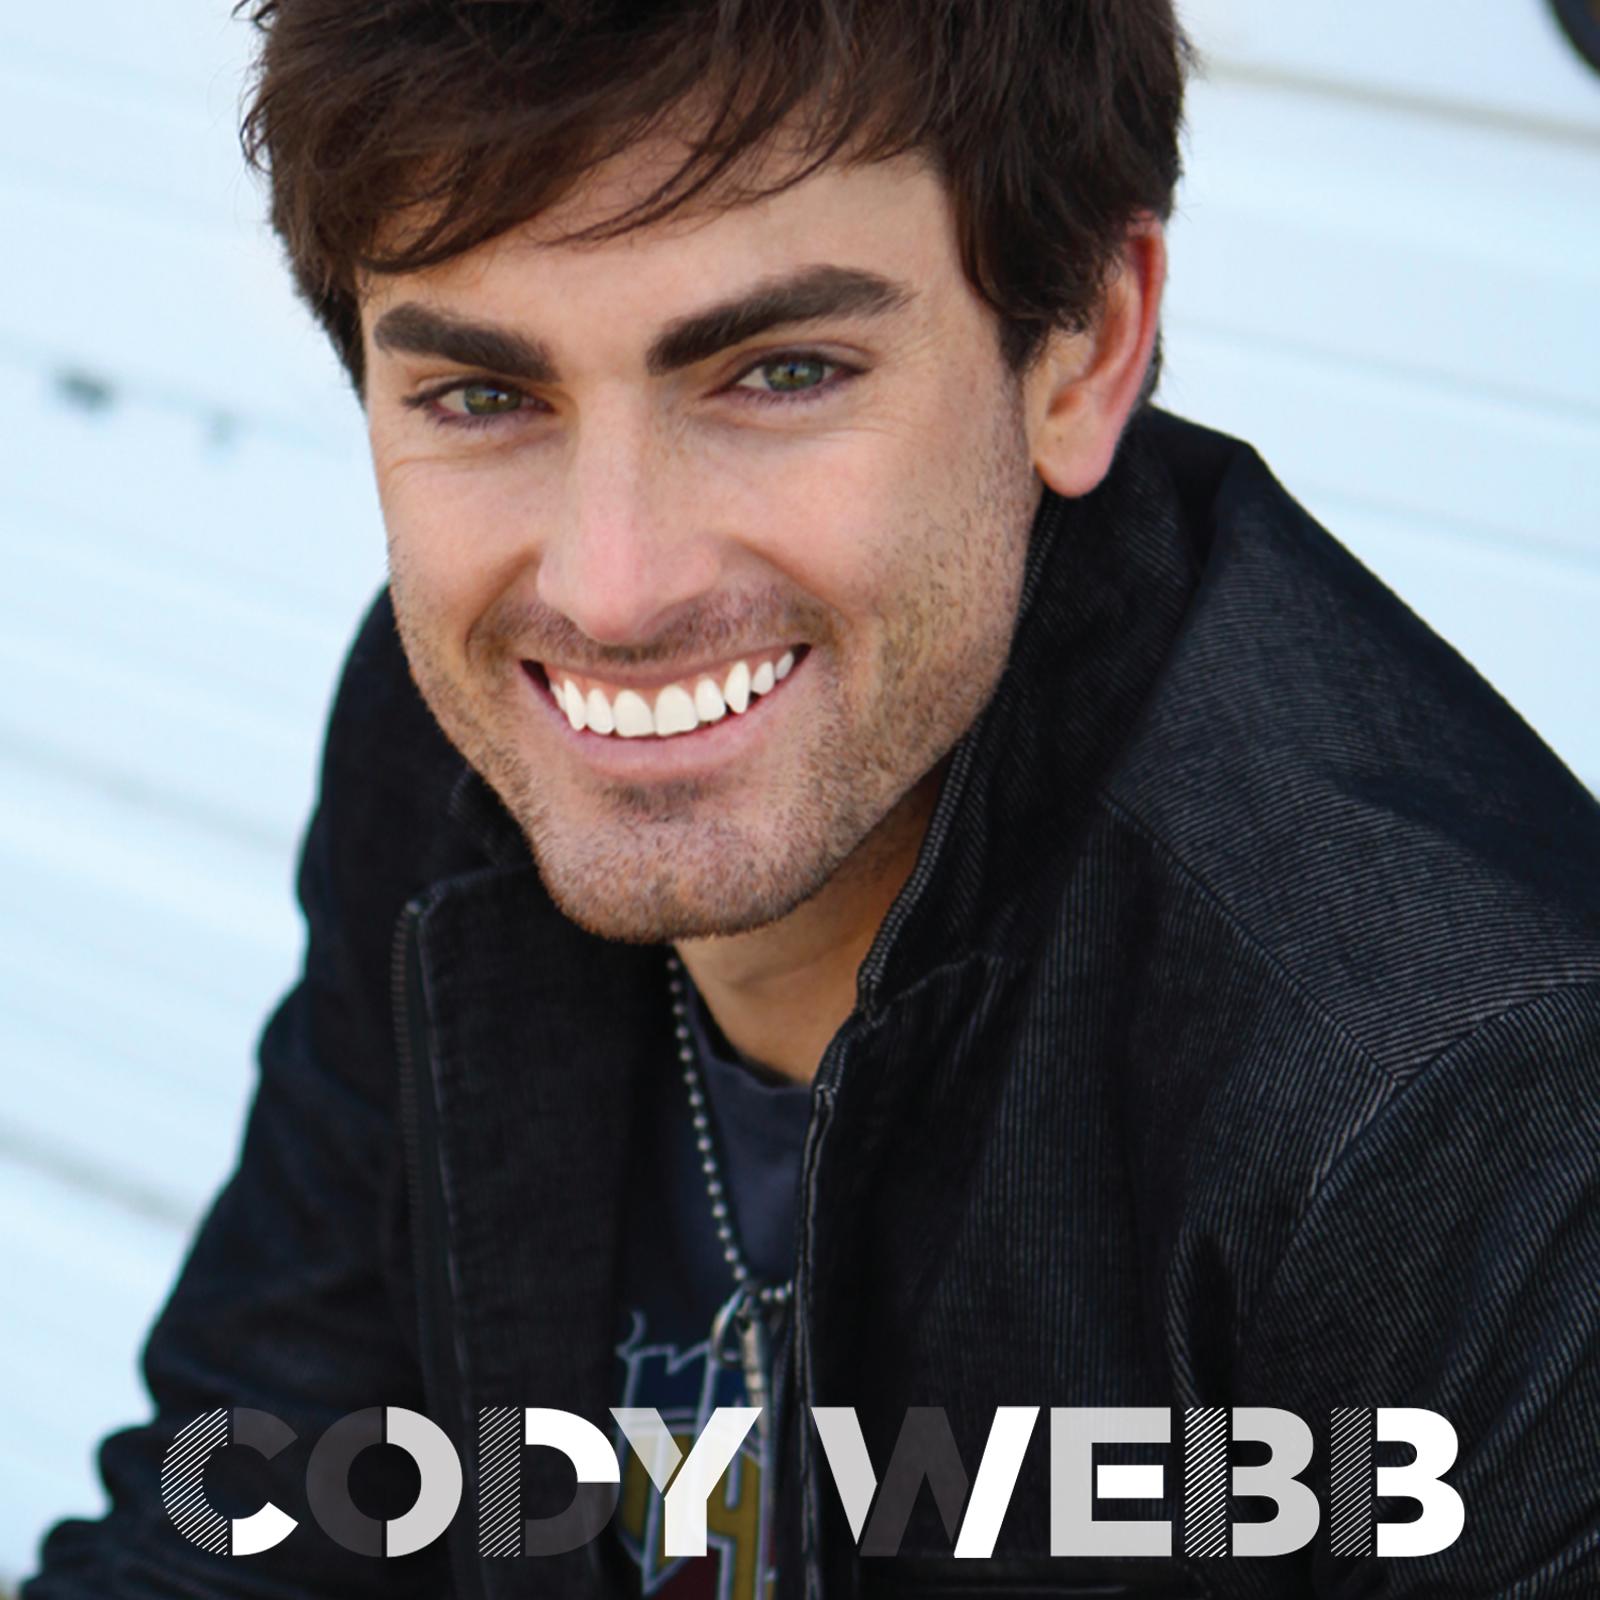 Cody Webb – Cody Webb